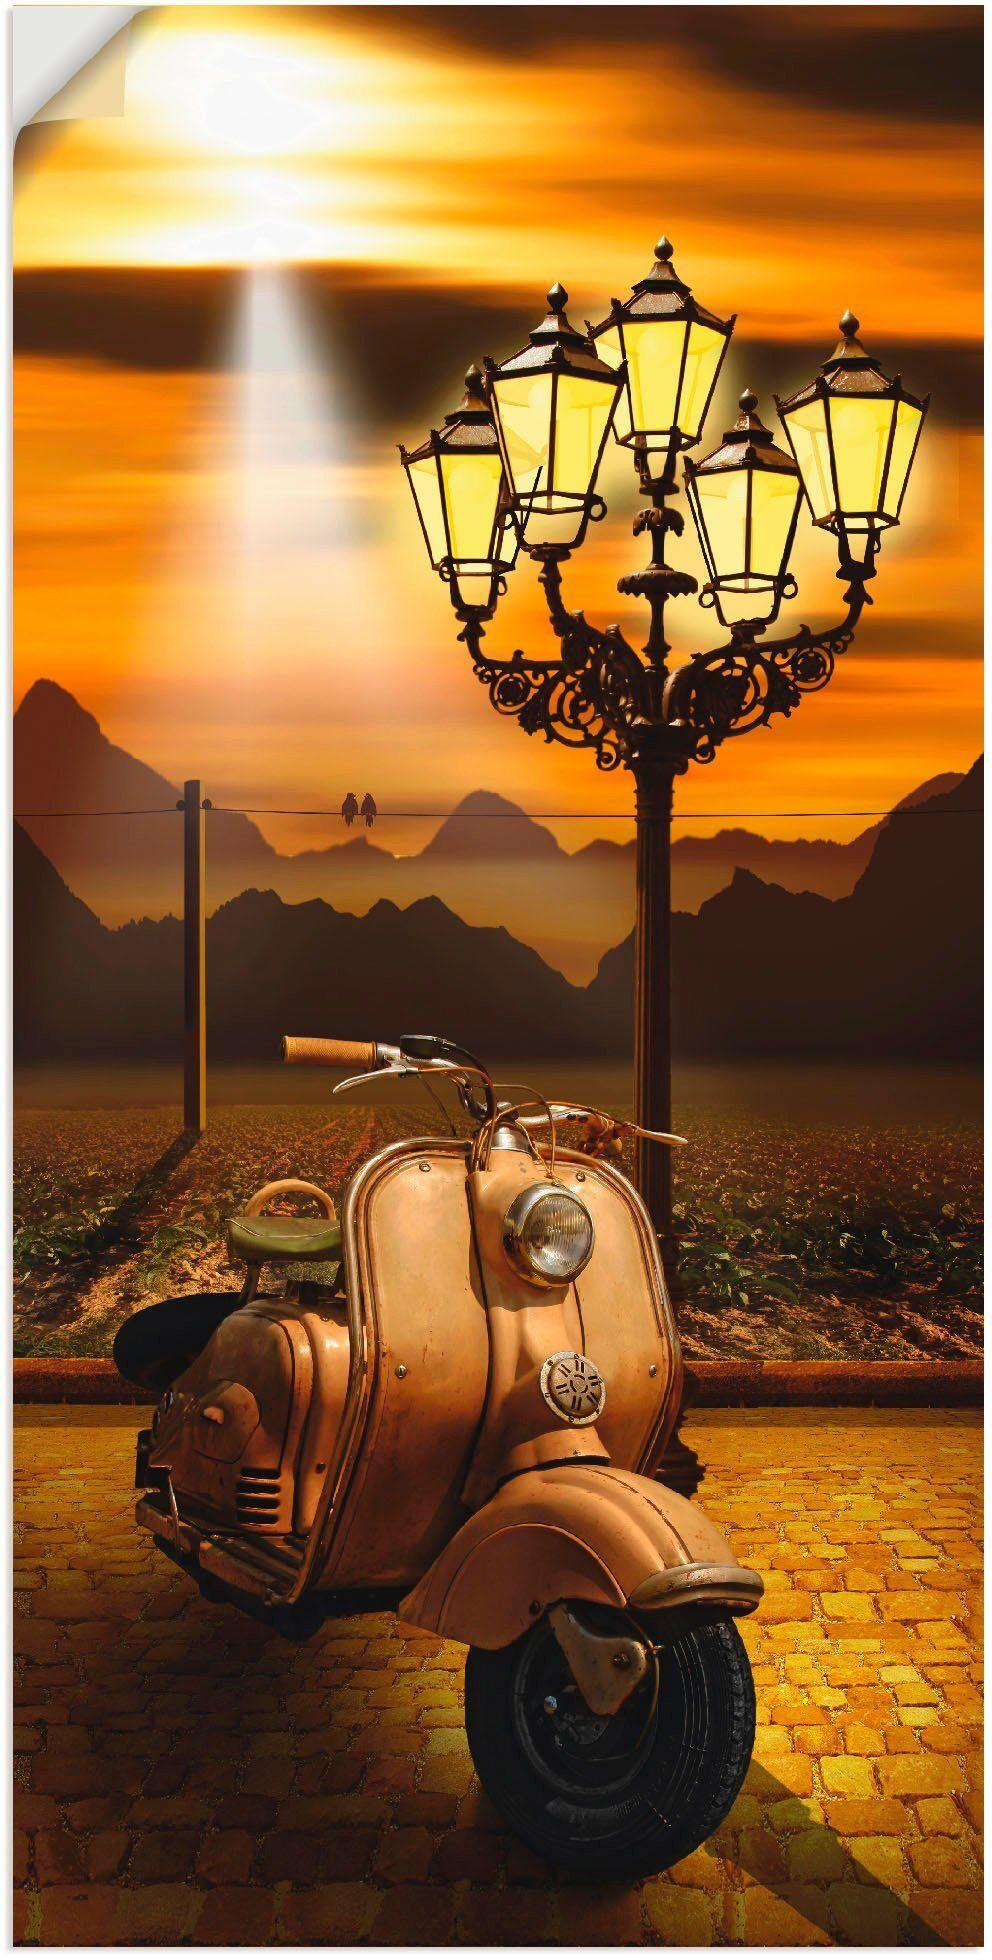 Artland Wandbild »Oldtimer Motorroller romantisch«, Motorräder & Roller (1 Stück)